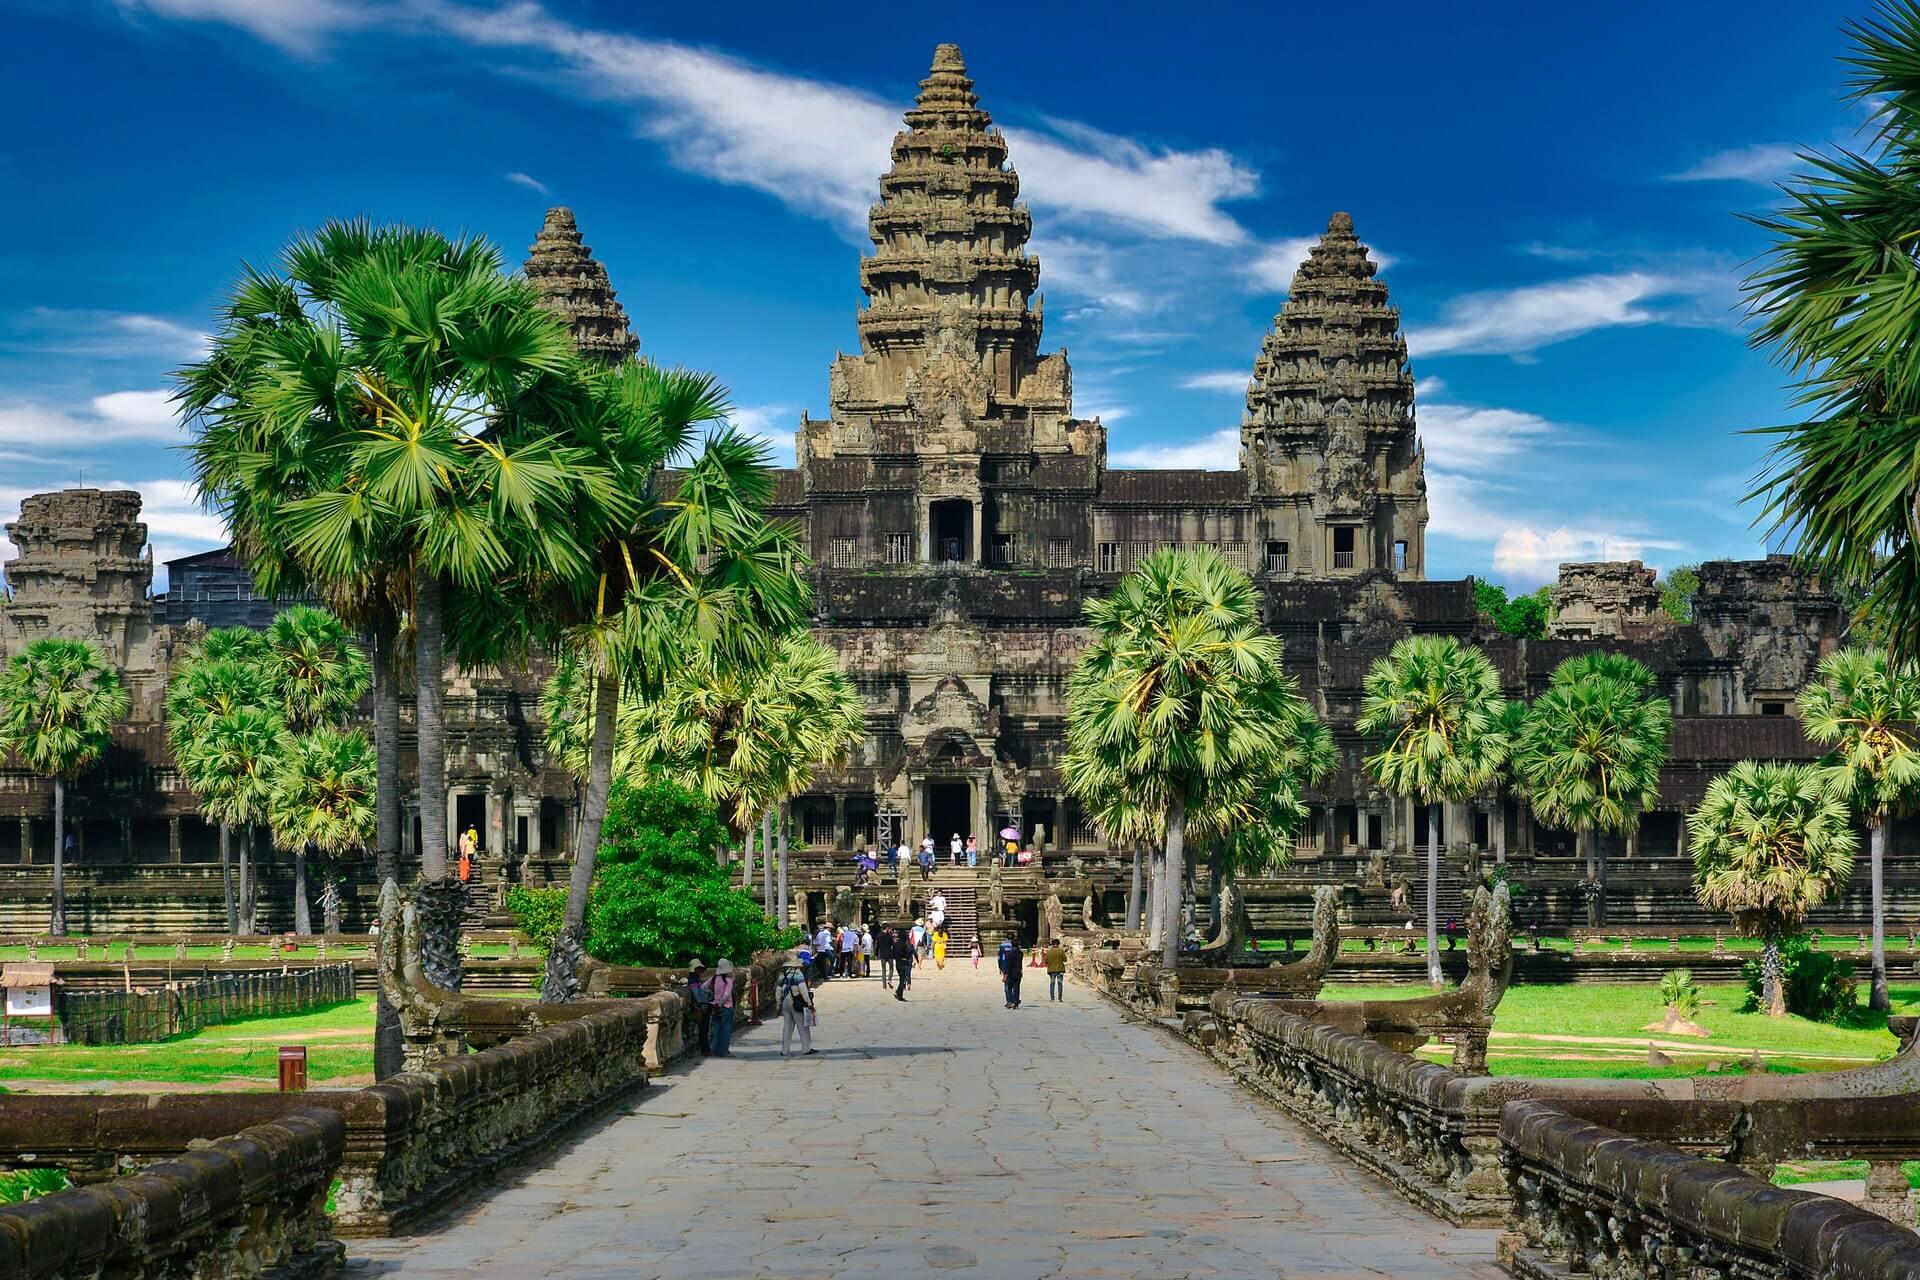 angkor wat front view cambodia